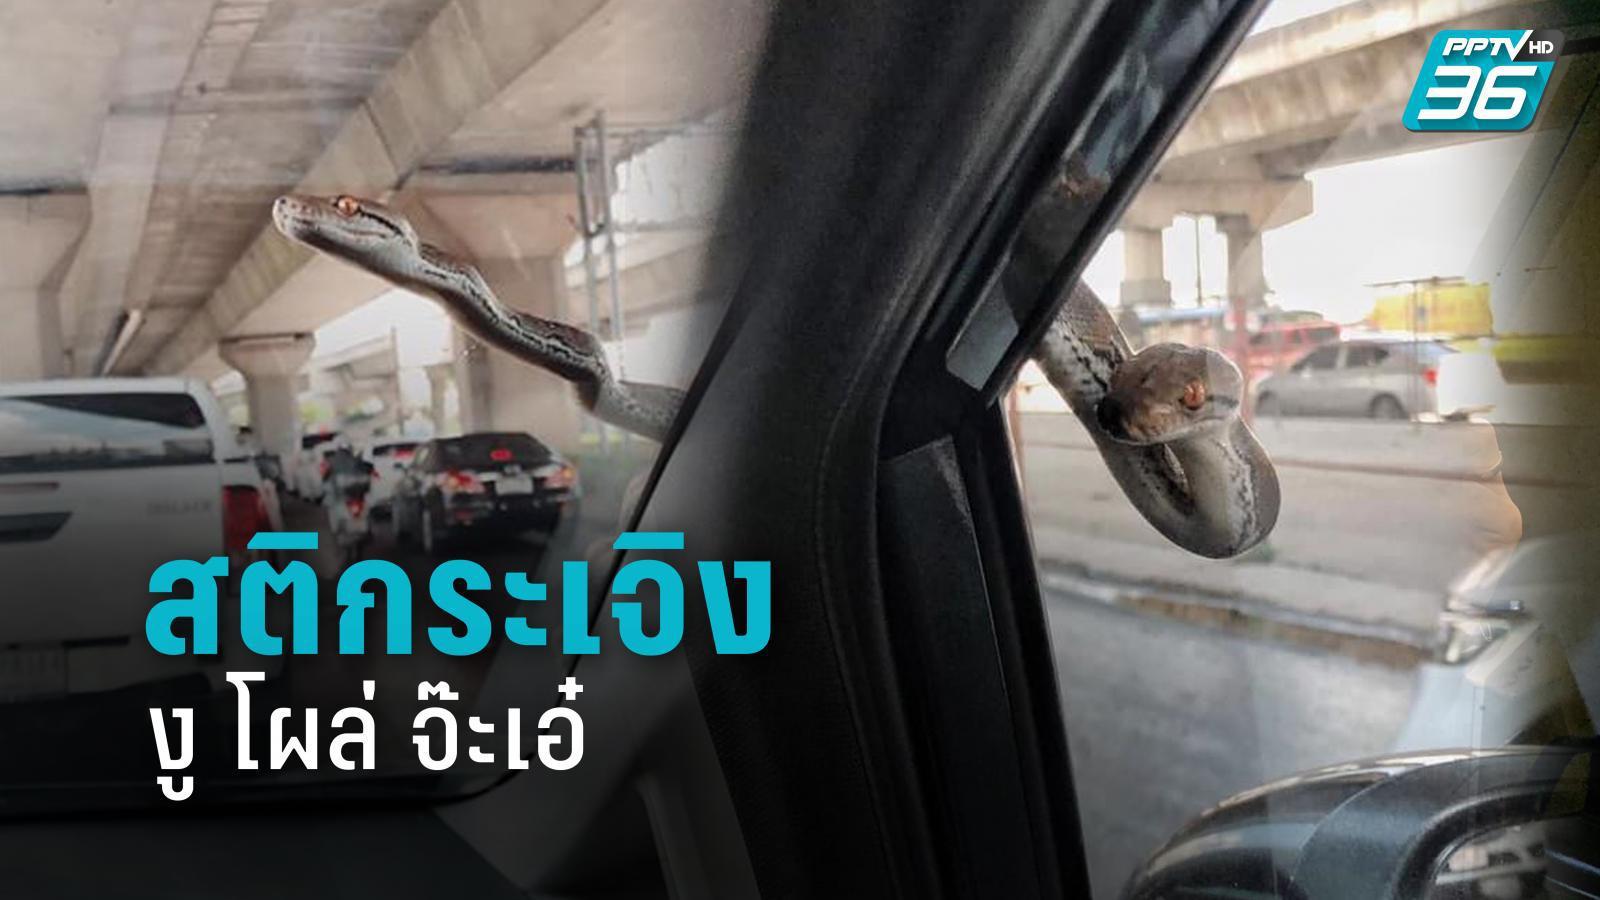 แทบช็อก! ขับรถอยู่ดีๆ 'งู' มาจากไหน โผล่จ้องตาเขม็ง